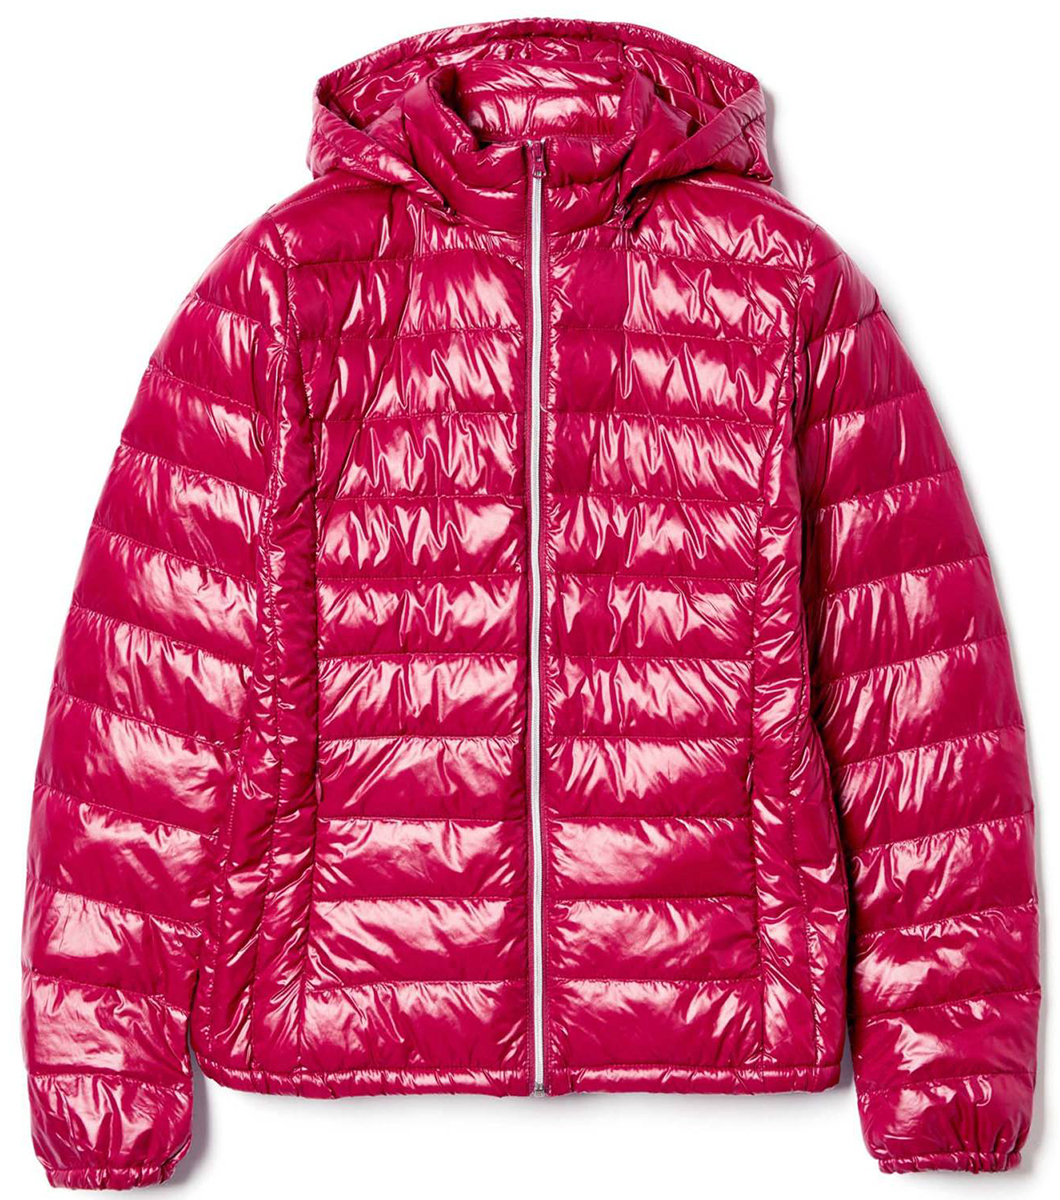 Куртка женская United Colors of Benetton, цвет: красный. 2RQ4532U4_75L. Размер 42 (44)2RQ4532U4_75LКуртка женская United Colors of Benetton выполнена из полиамида. Модель с капюшоном и длинными рукавами застегивается на застежку-молнию.